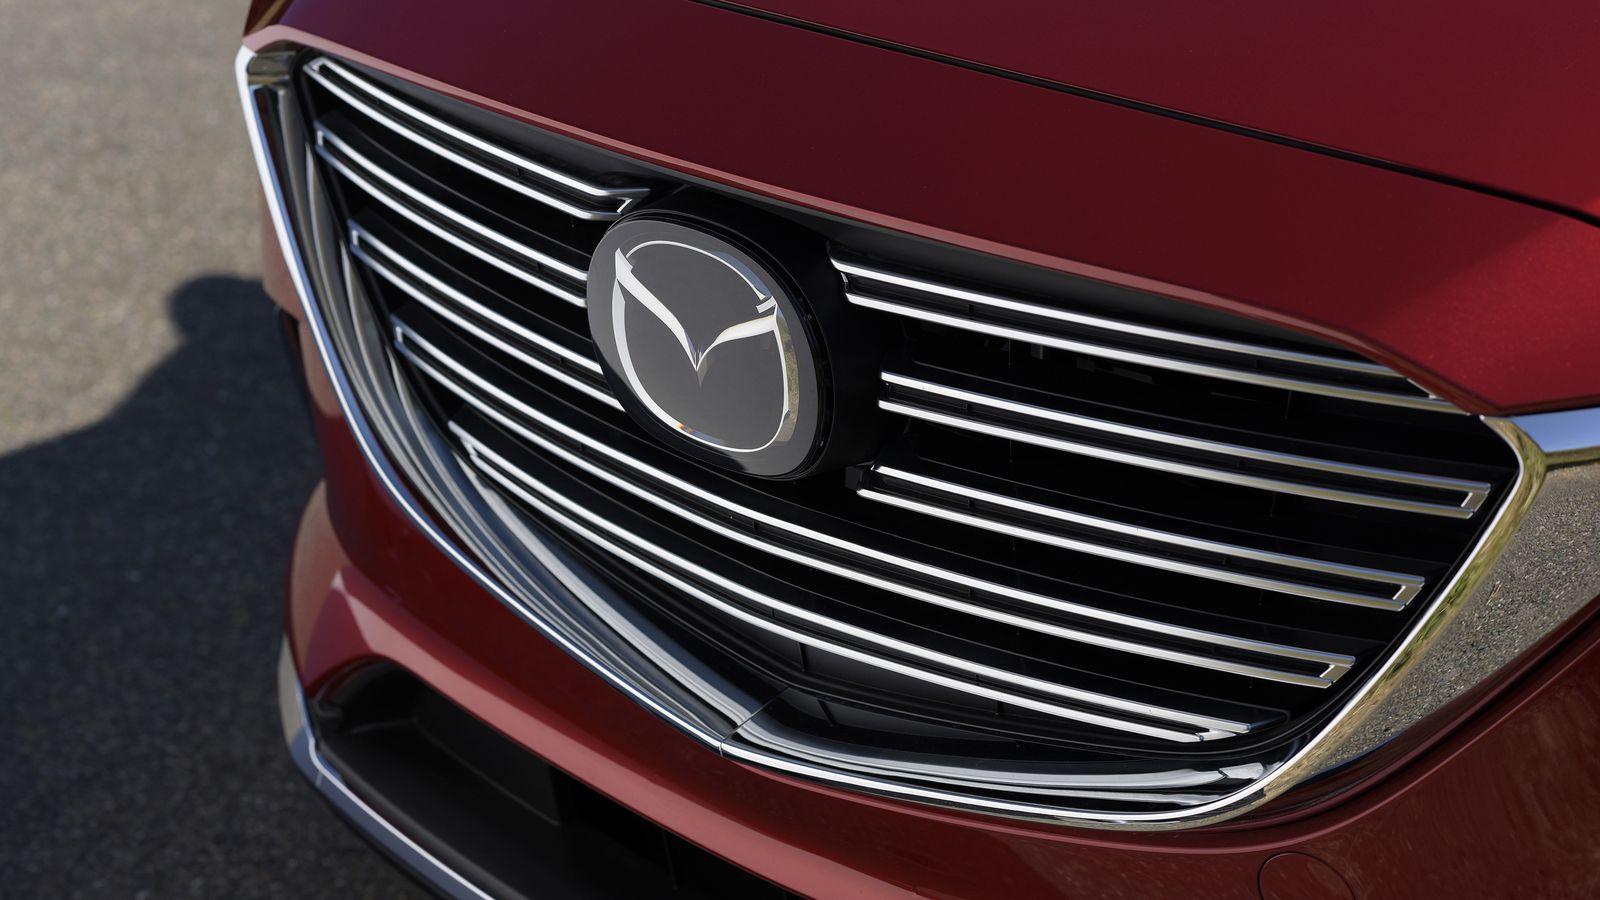 Pour rattraper son retard, Mazda prévoit une 100 % électrique et plusieurs hybrides d'ici 3 ans